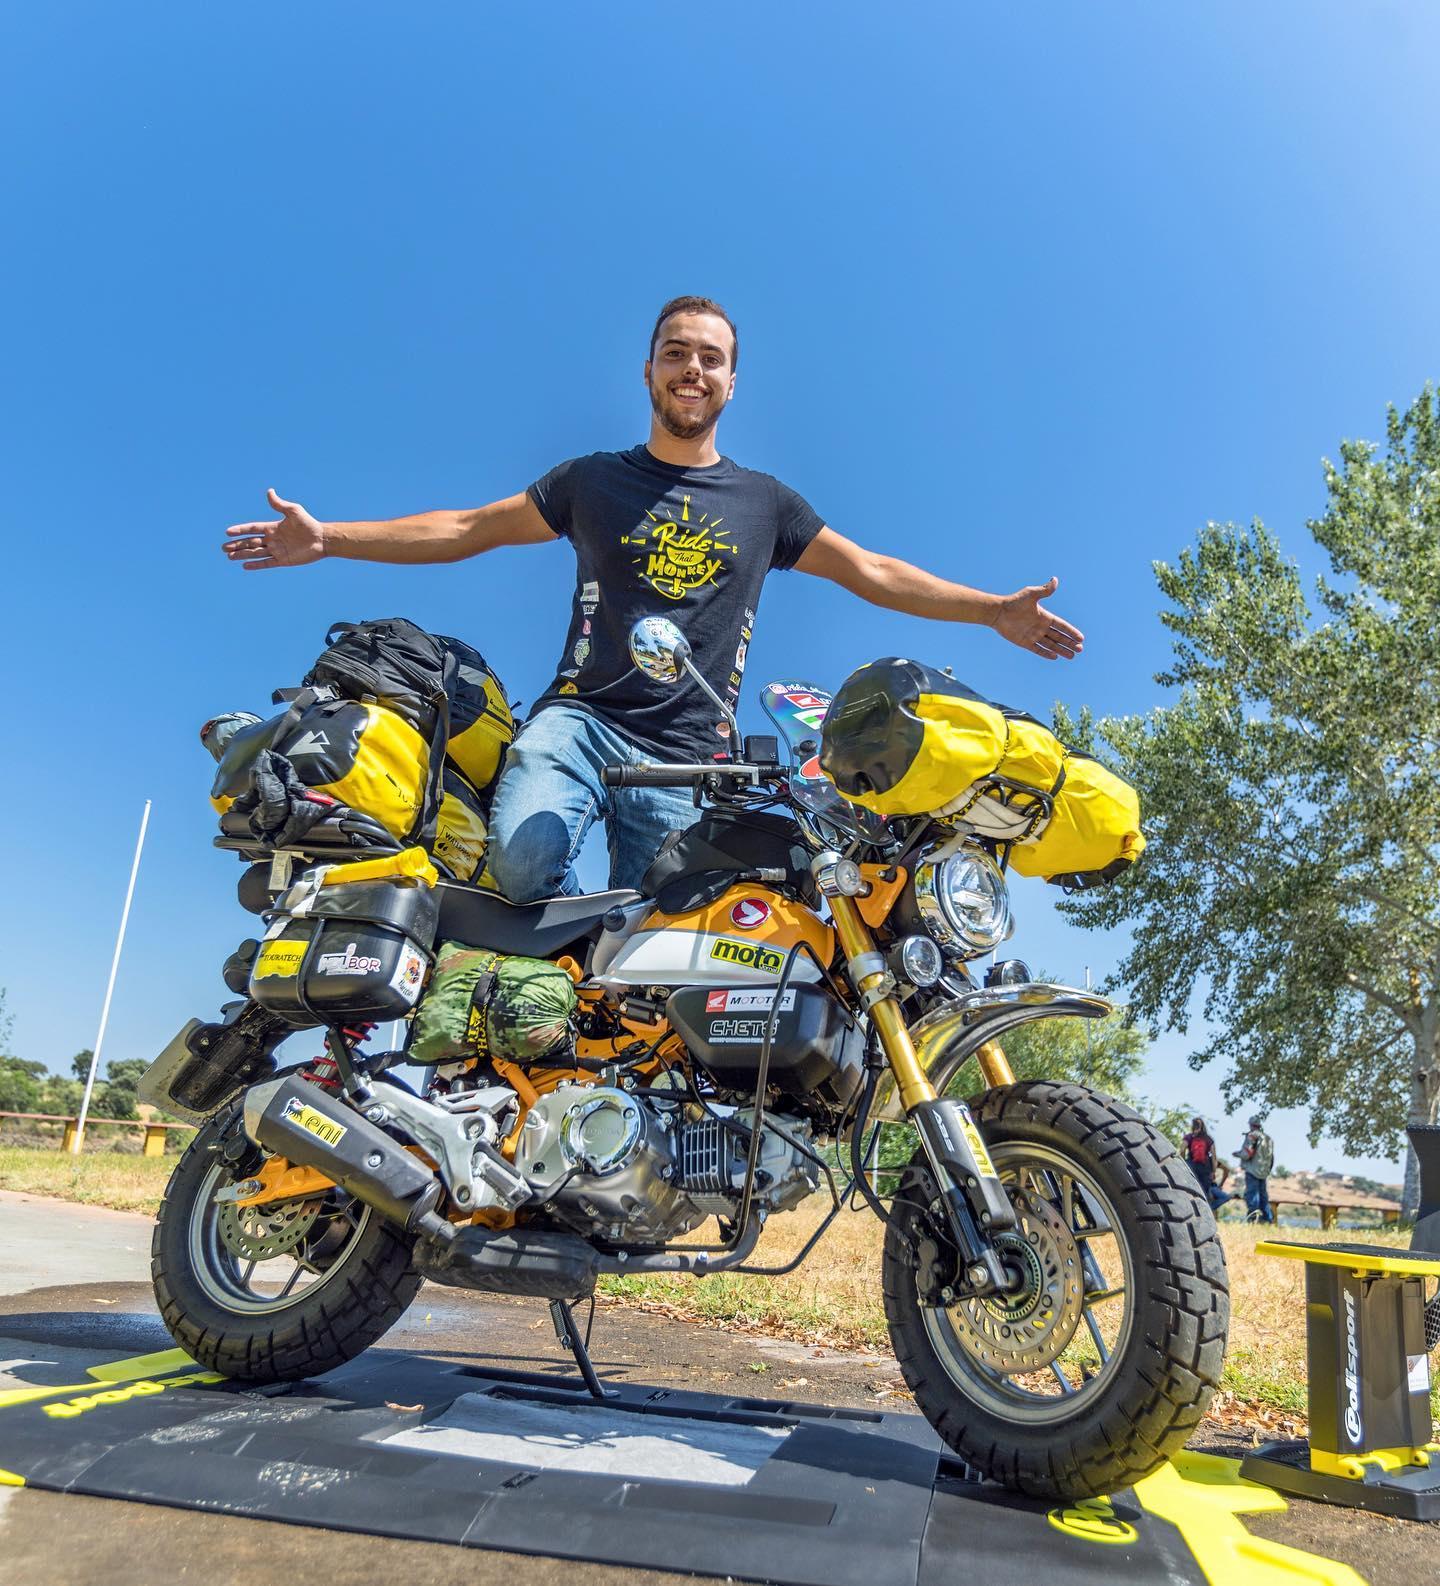 Η Ολυμπία σταθμός ενός διαφορετικού γύρου του Κόσμου- 24χρονος Πορτογάλοςμοτοσικλετιστής κυνηγά το Ρεκόρ Guinness